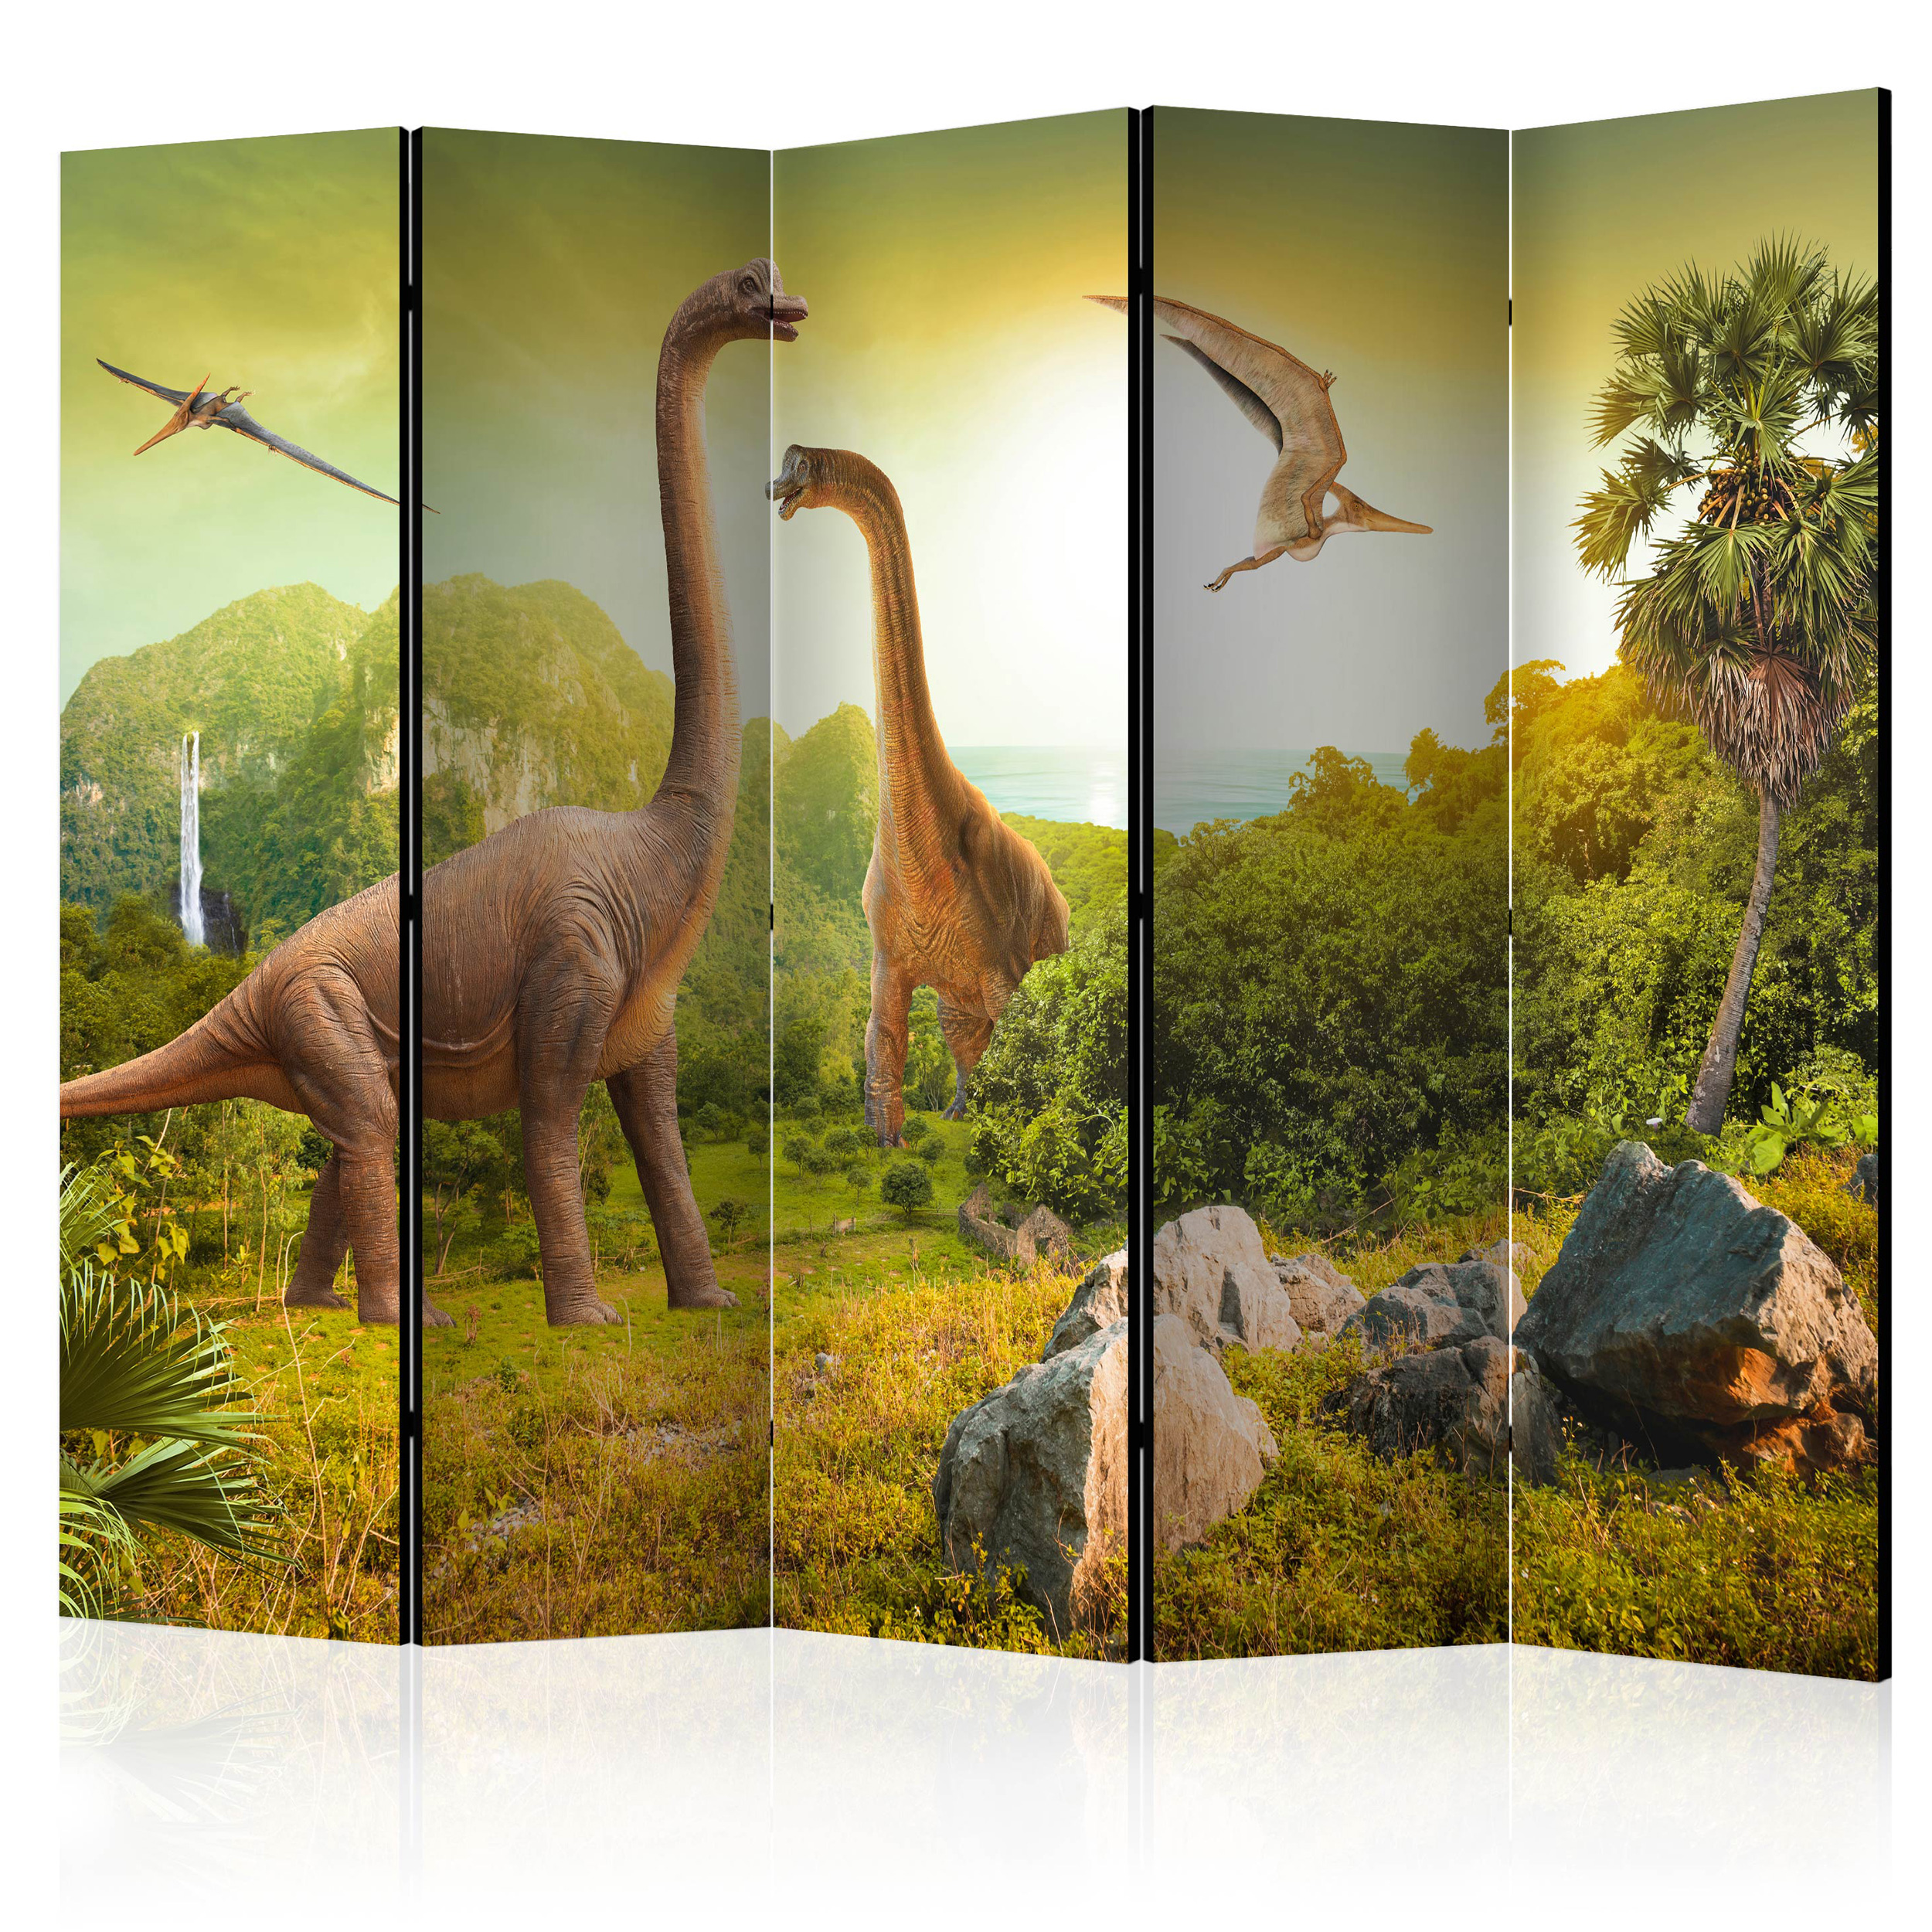 PARAVENT RAUMTEILER Spanische Wand TRENNWAND Dinosaur 2 Formate 4 Farbe